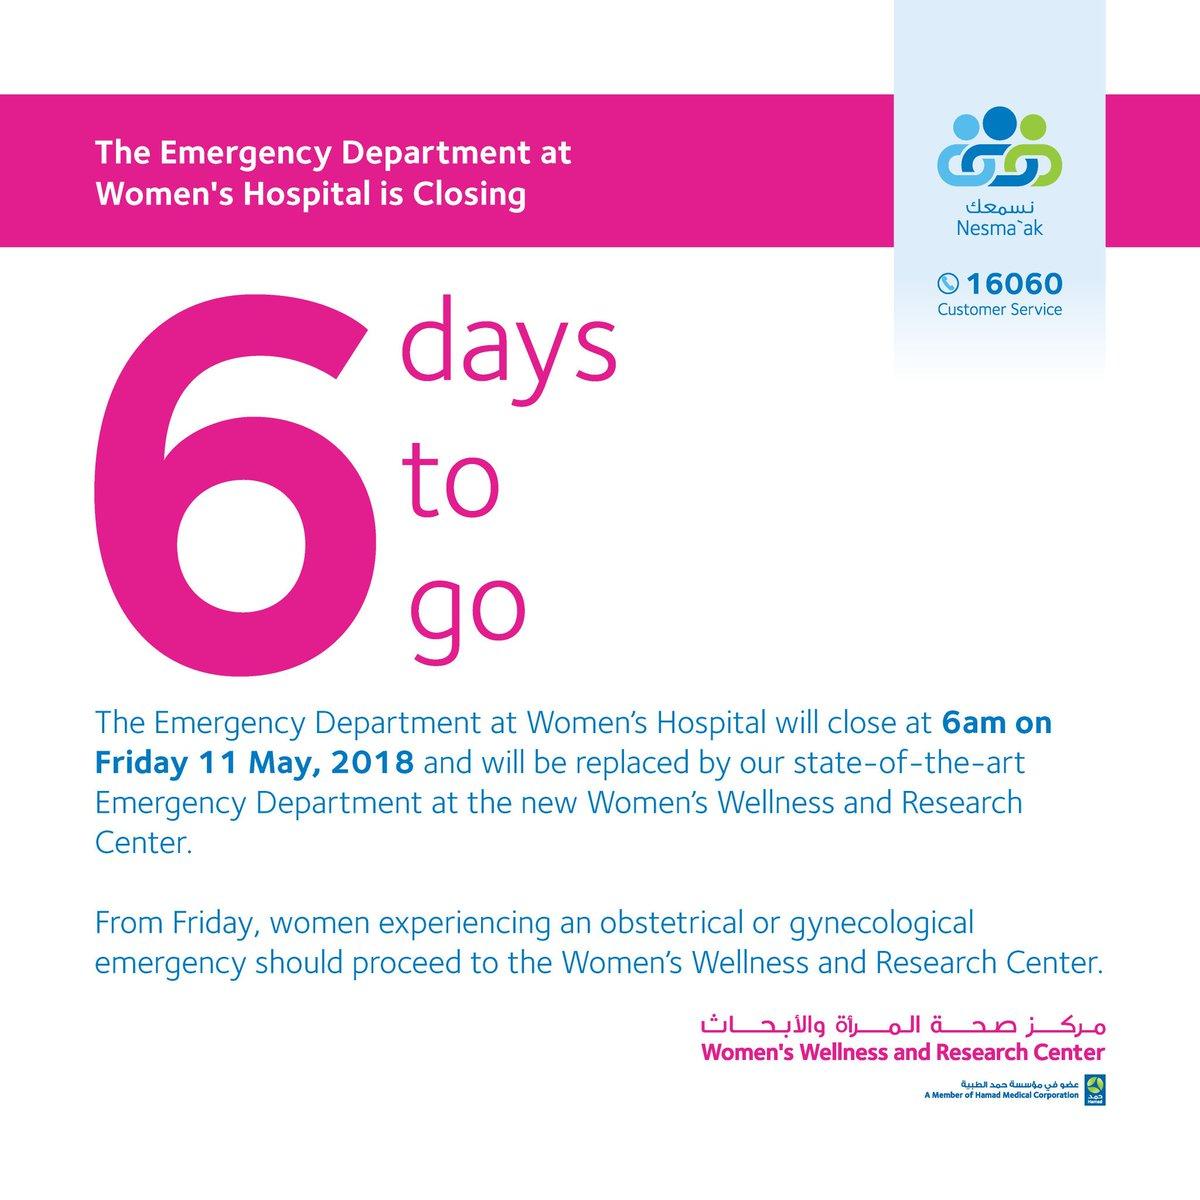 9260aa087 ... من يوم الجمعة الموافق 11 مايو 2018 نقل خدمات المرضى الداخليين بمستشفى  النساء بما في ذلك وحدات الولادة بصورة رسمية إلى مركز صحة المرأة والأبحاث  الجديد.